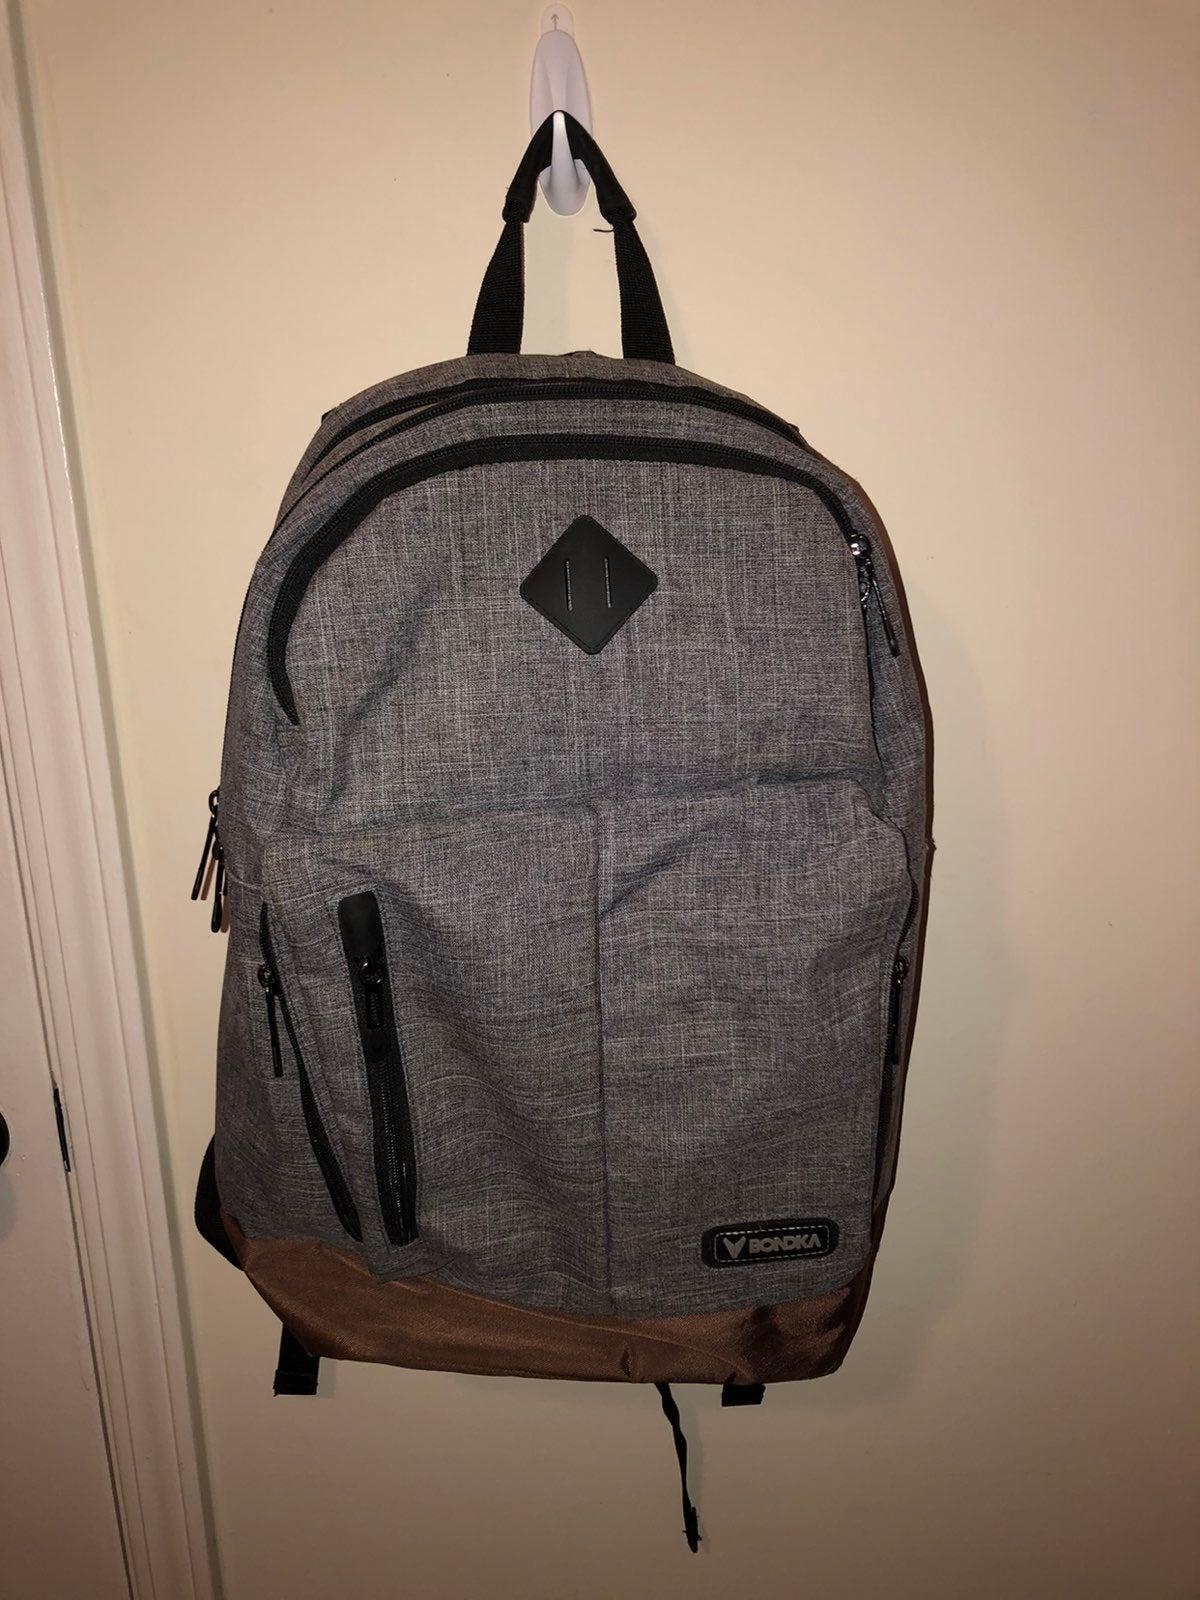 Bondka Backpack